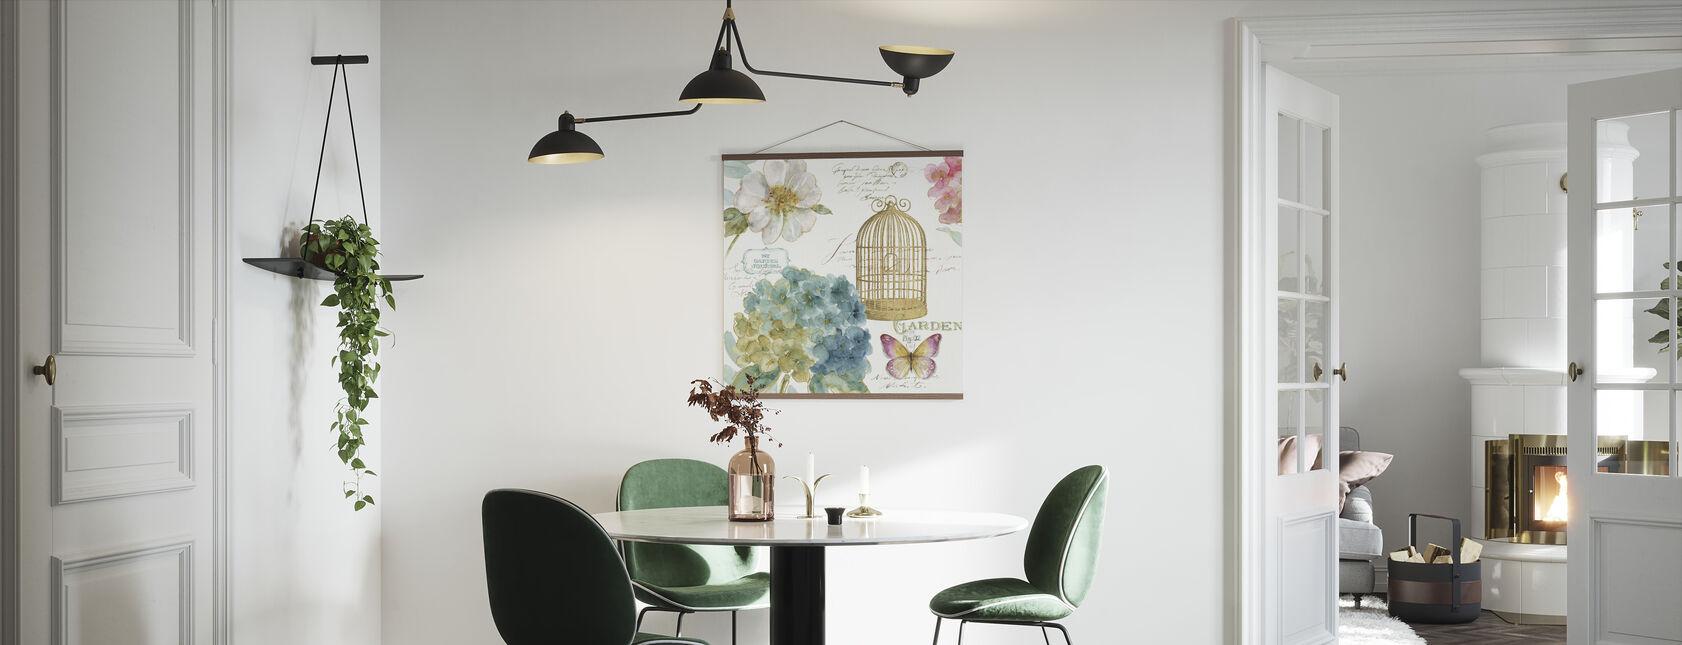 Hortensia Vogelkooi - Poster - Keuken